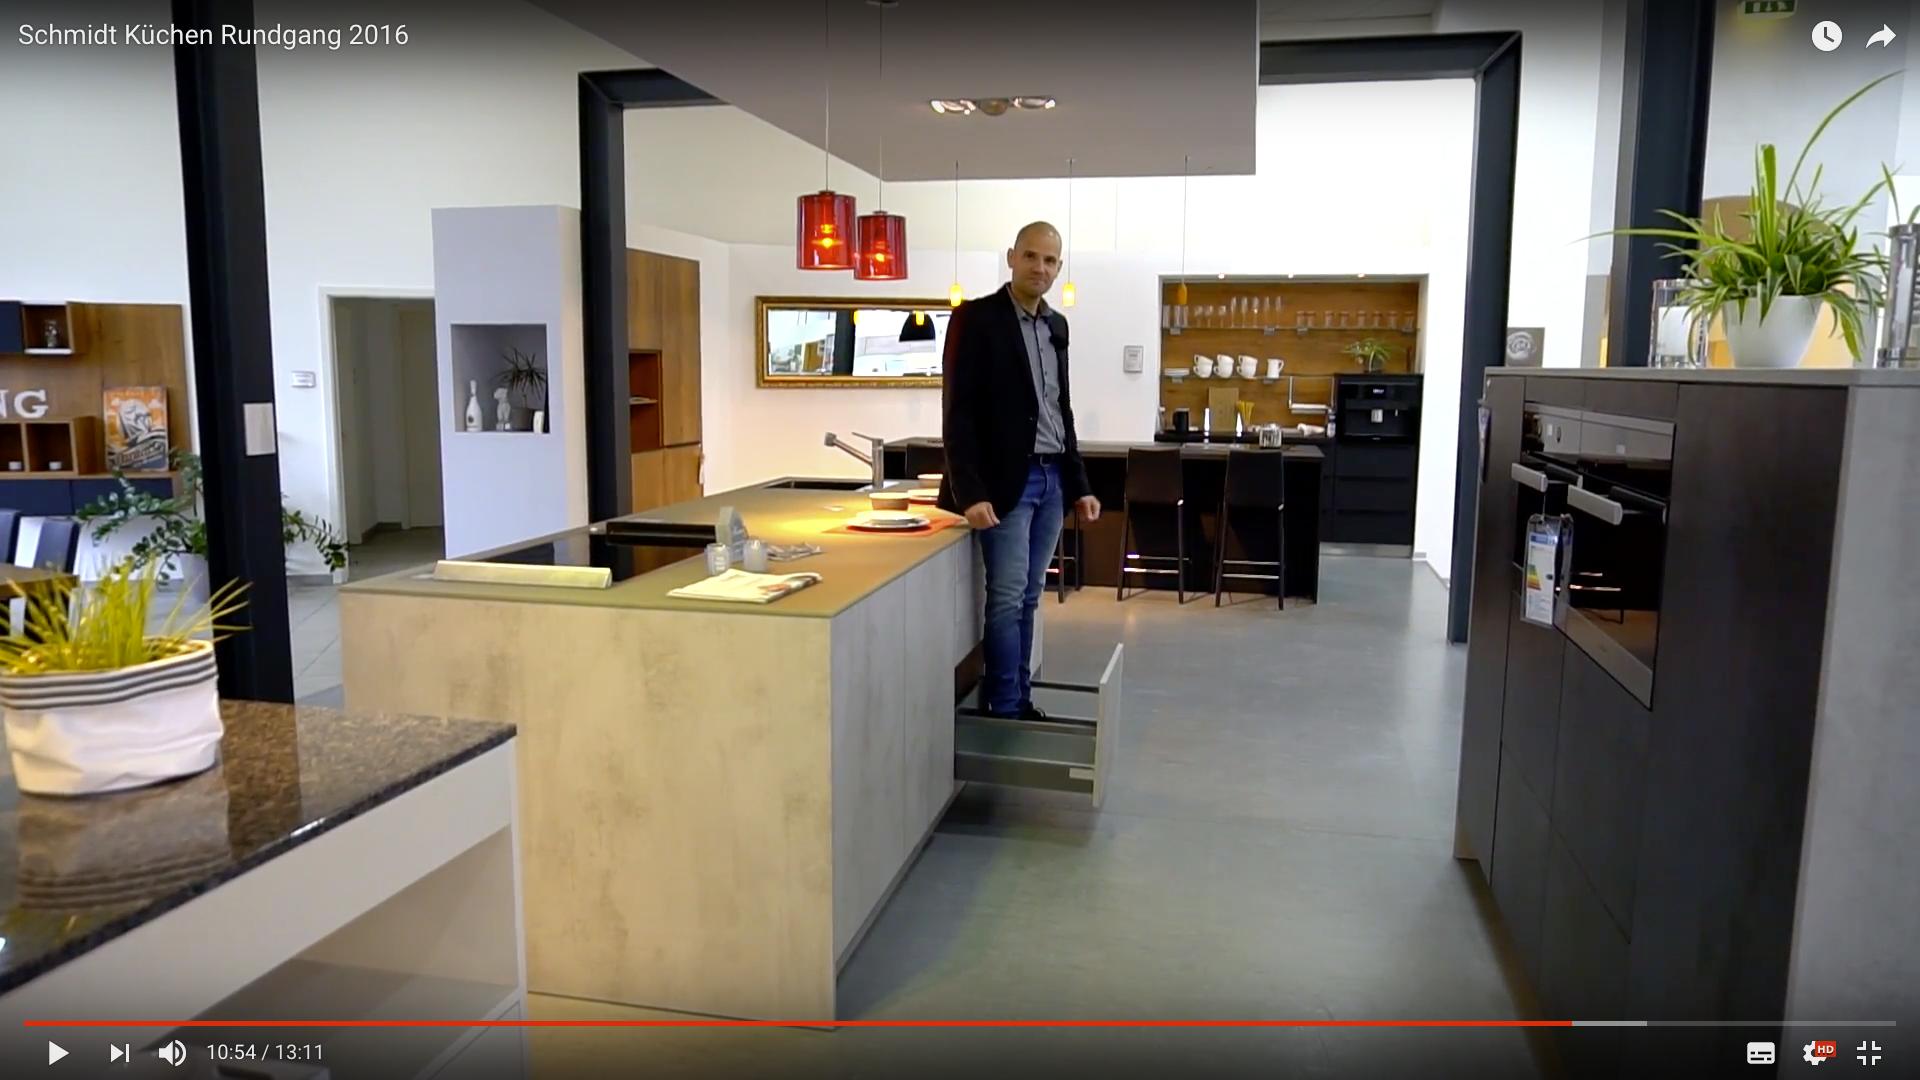 2017 Schmidt Küchen Rundgang 2016 Qualität und Stabilität_MSM_MEDIEN_SAAR_MOSEL_SAARLAND_FERNSEHEN_1_ED_SAAR